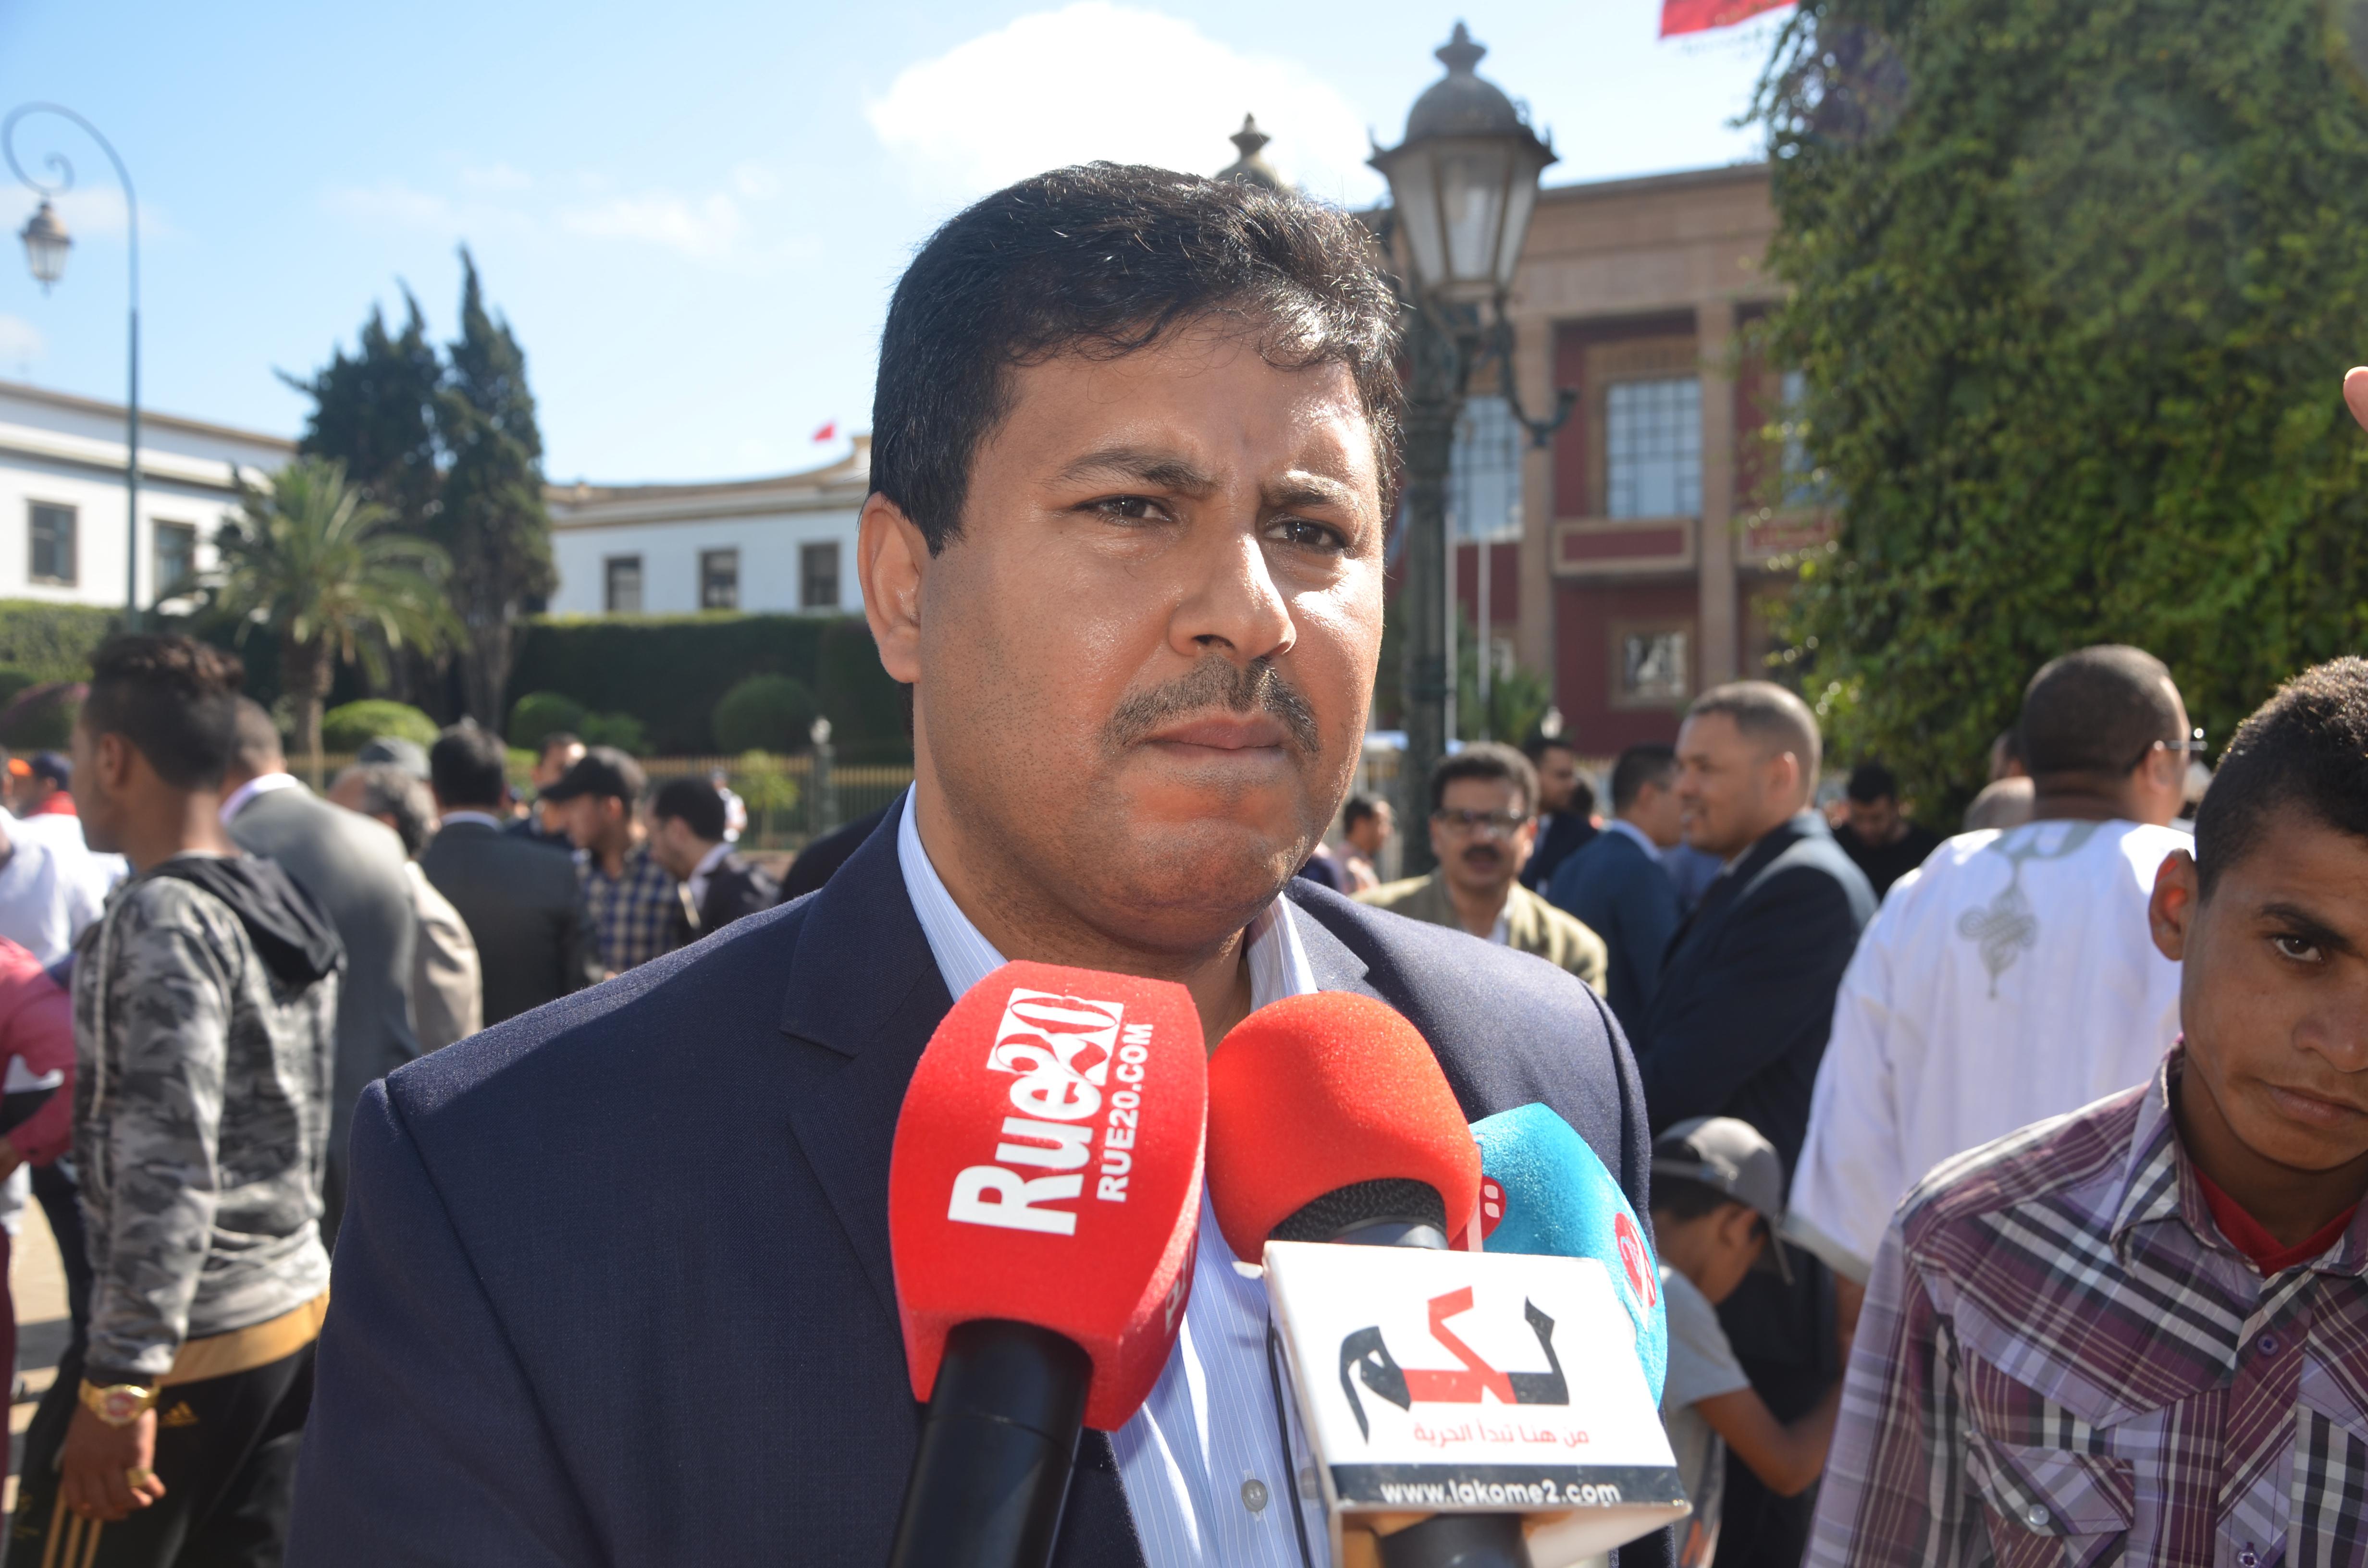 حامي الدين يطلب من قيادة البيجيدي التحقيق في 'فيديو الملكية' و يعلق مشاركته في الحوار الداخلي